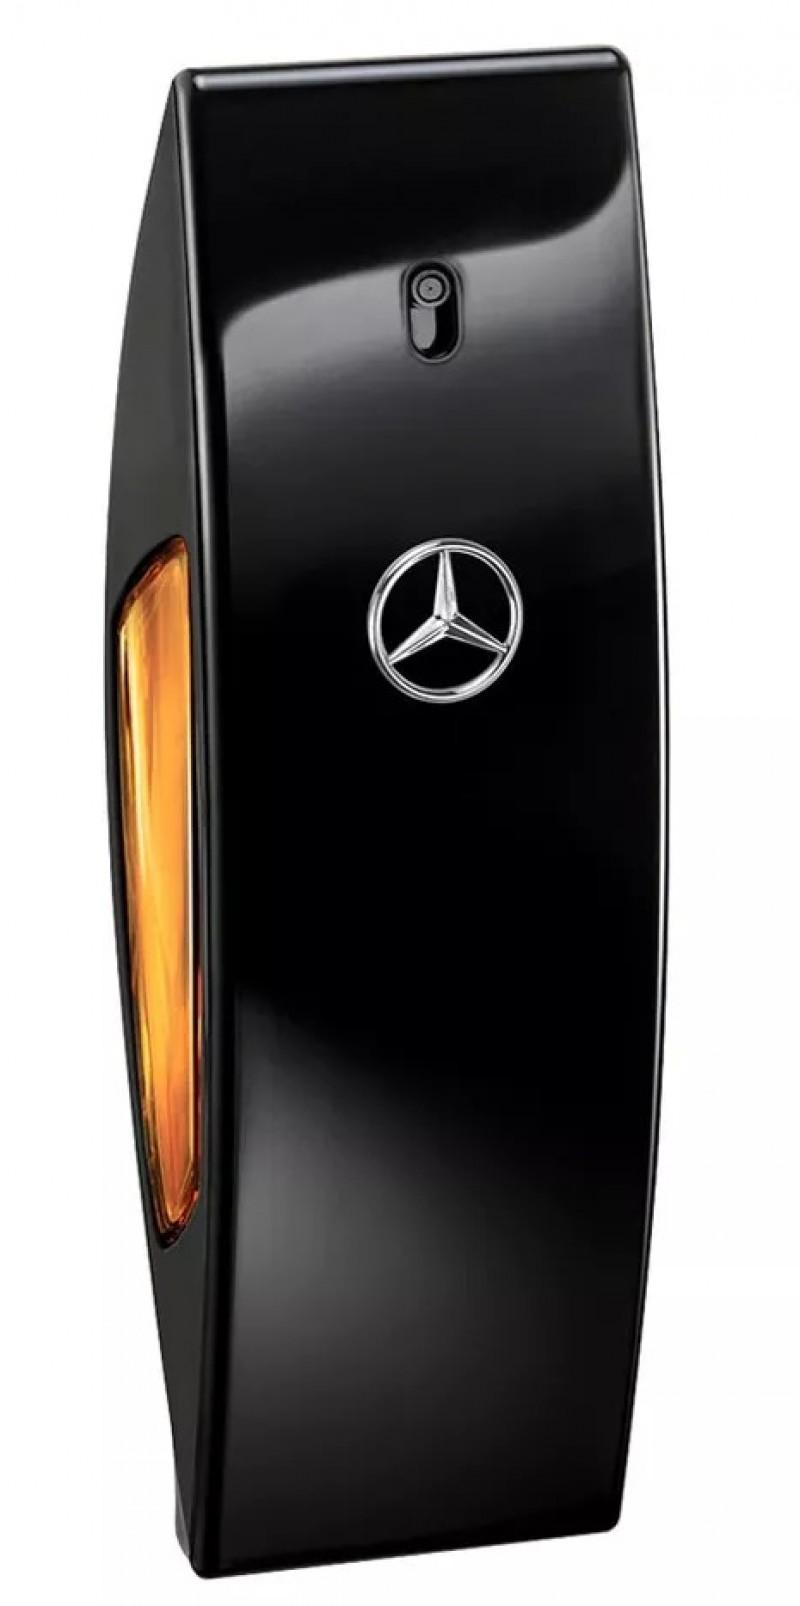 Mercedez-Benz Parfums expande portfólio com nova fragrância